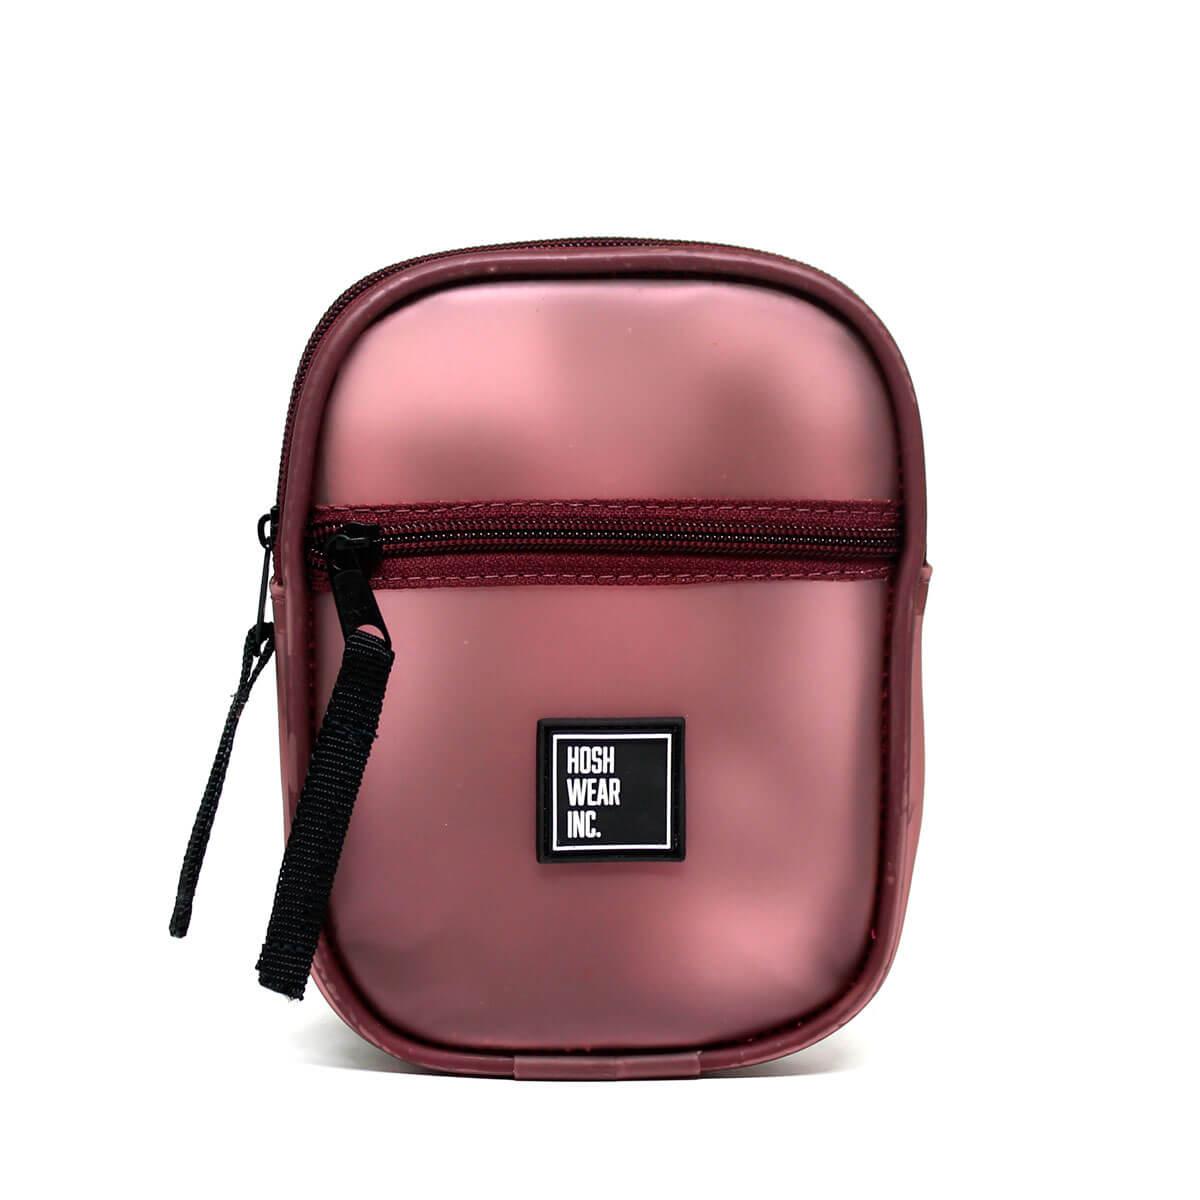 Pocket Shoulder Bag Hoshwear Jelly